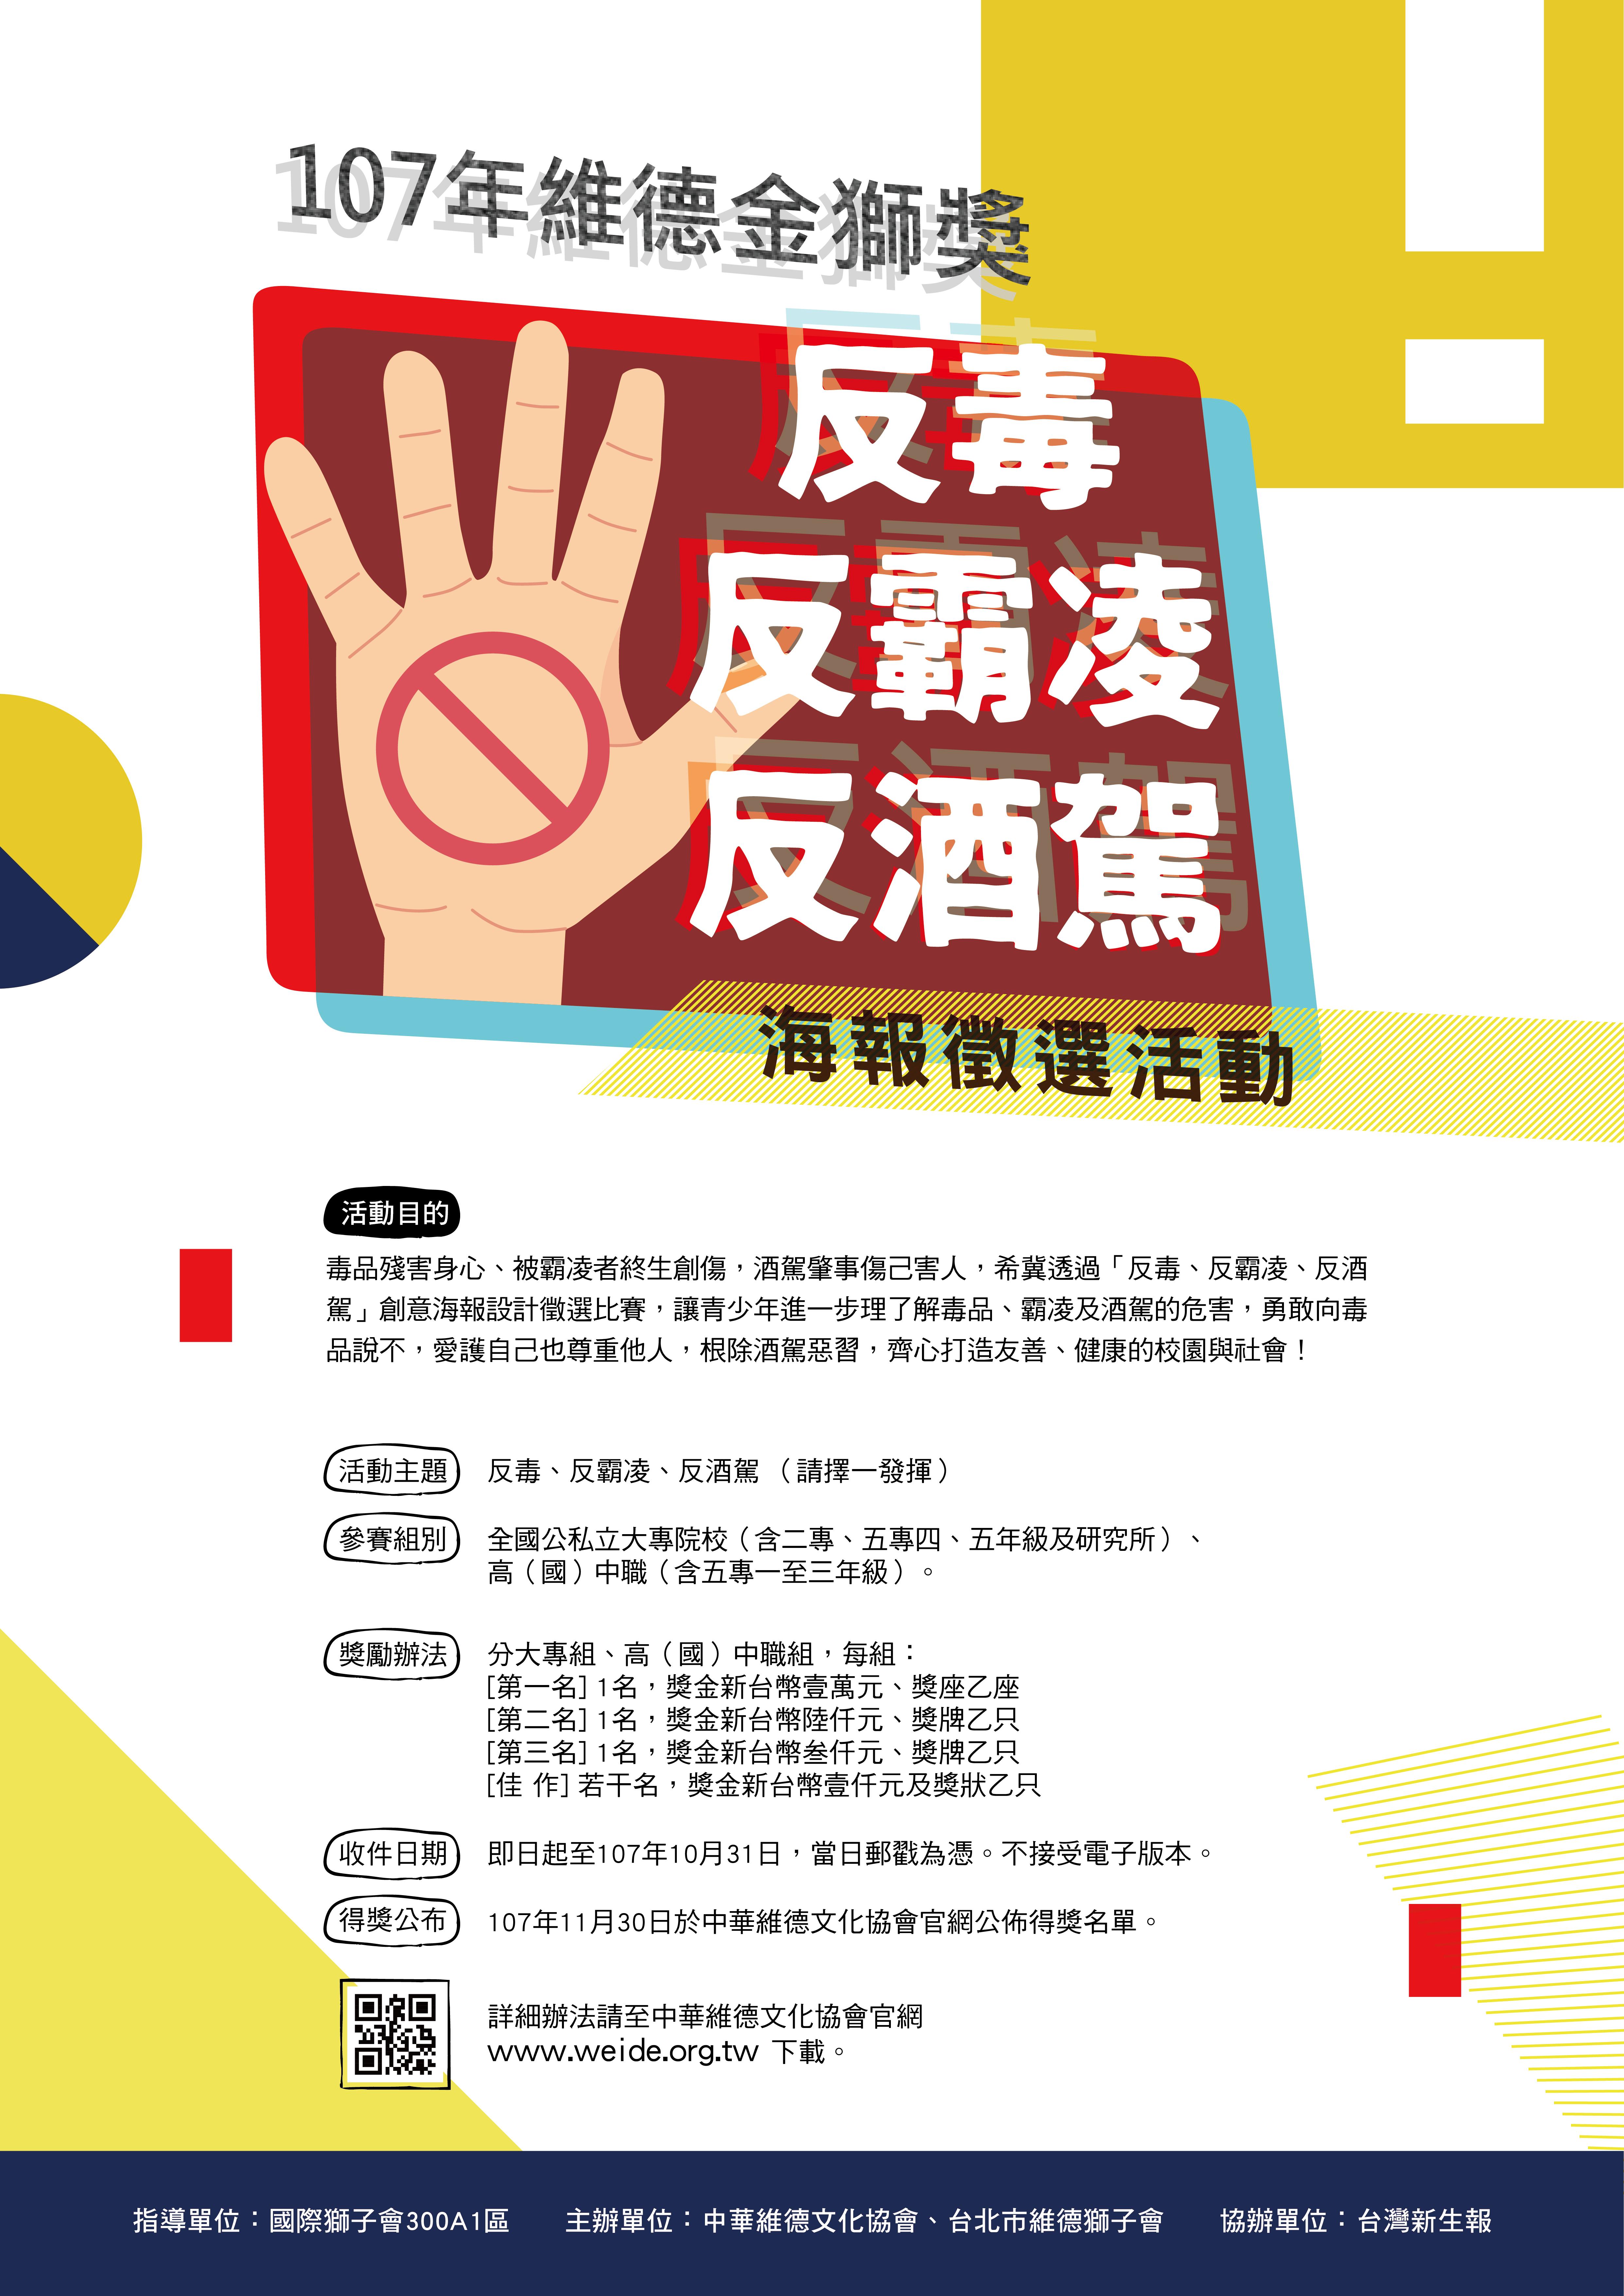 107年8月20日維德金獅獎 『反毒,反霸凌,反酒駕』海報徵選活動開始